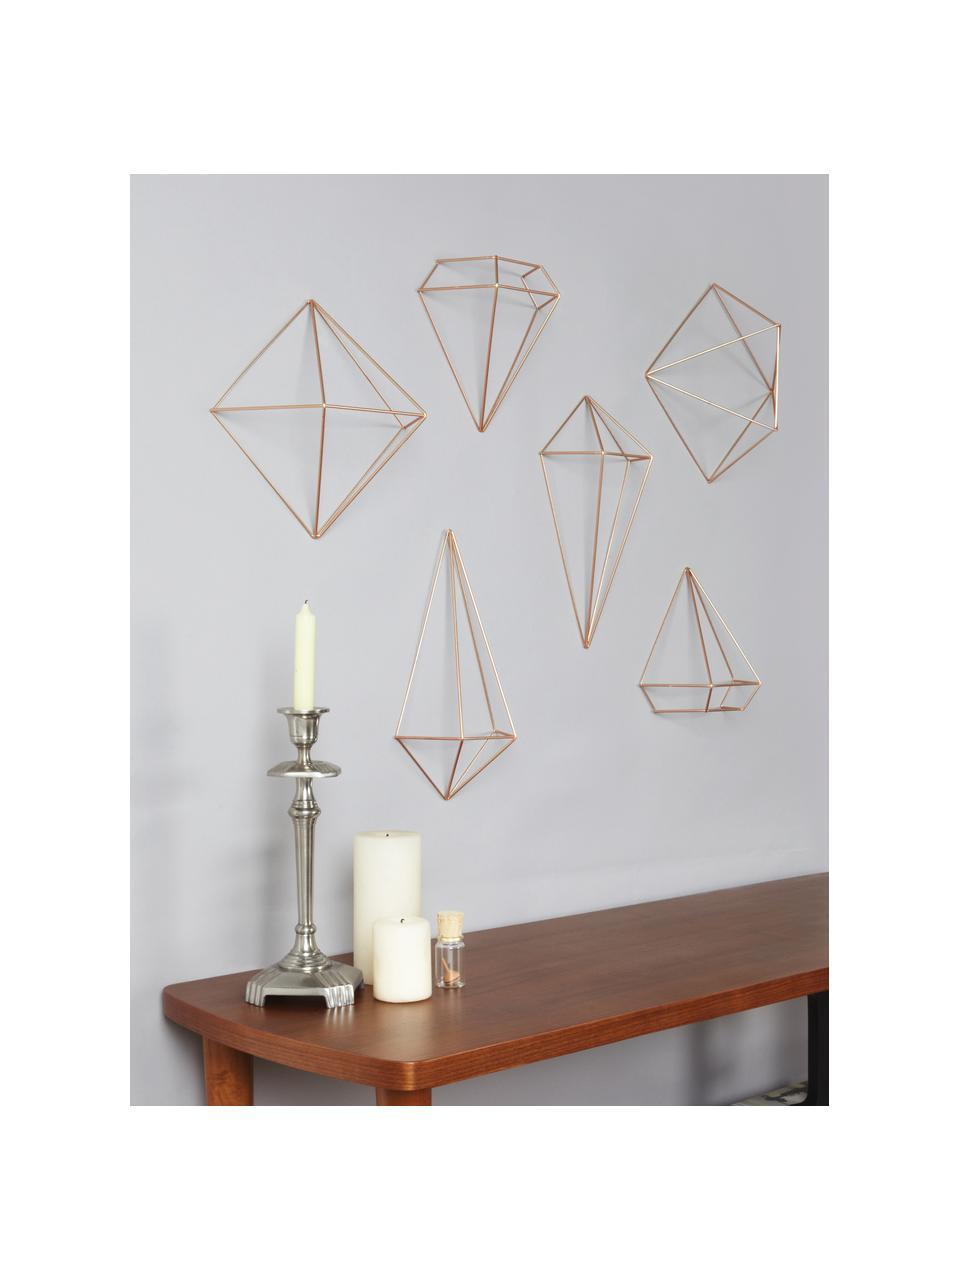 Wandobjekte-Set Prisma aus lackiertem Metall, 6-tlg., Metall, lackiert, Kupferfarben, Sondergrößen